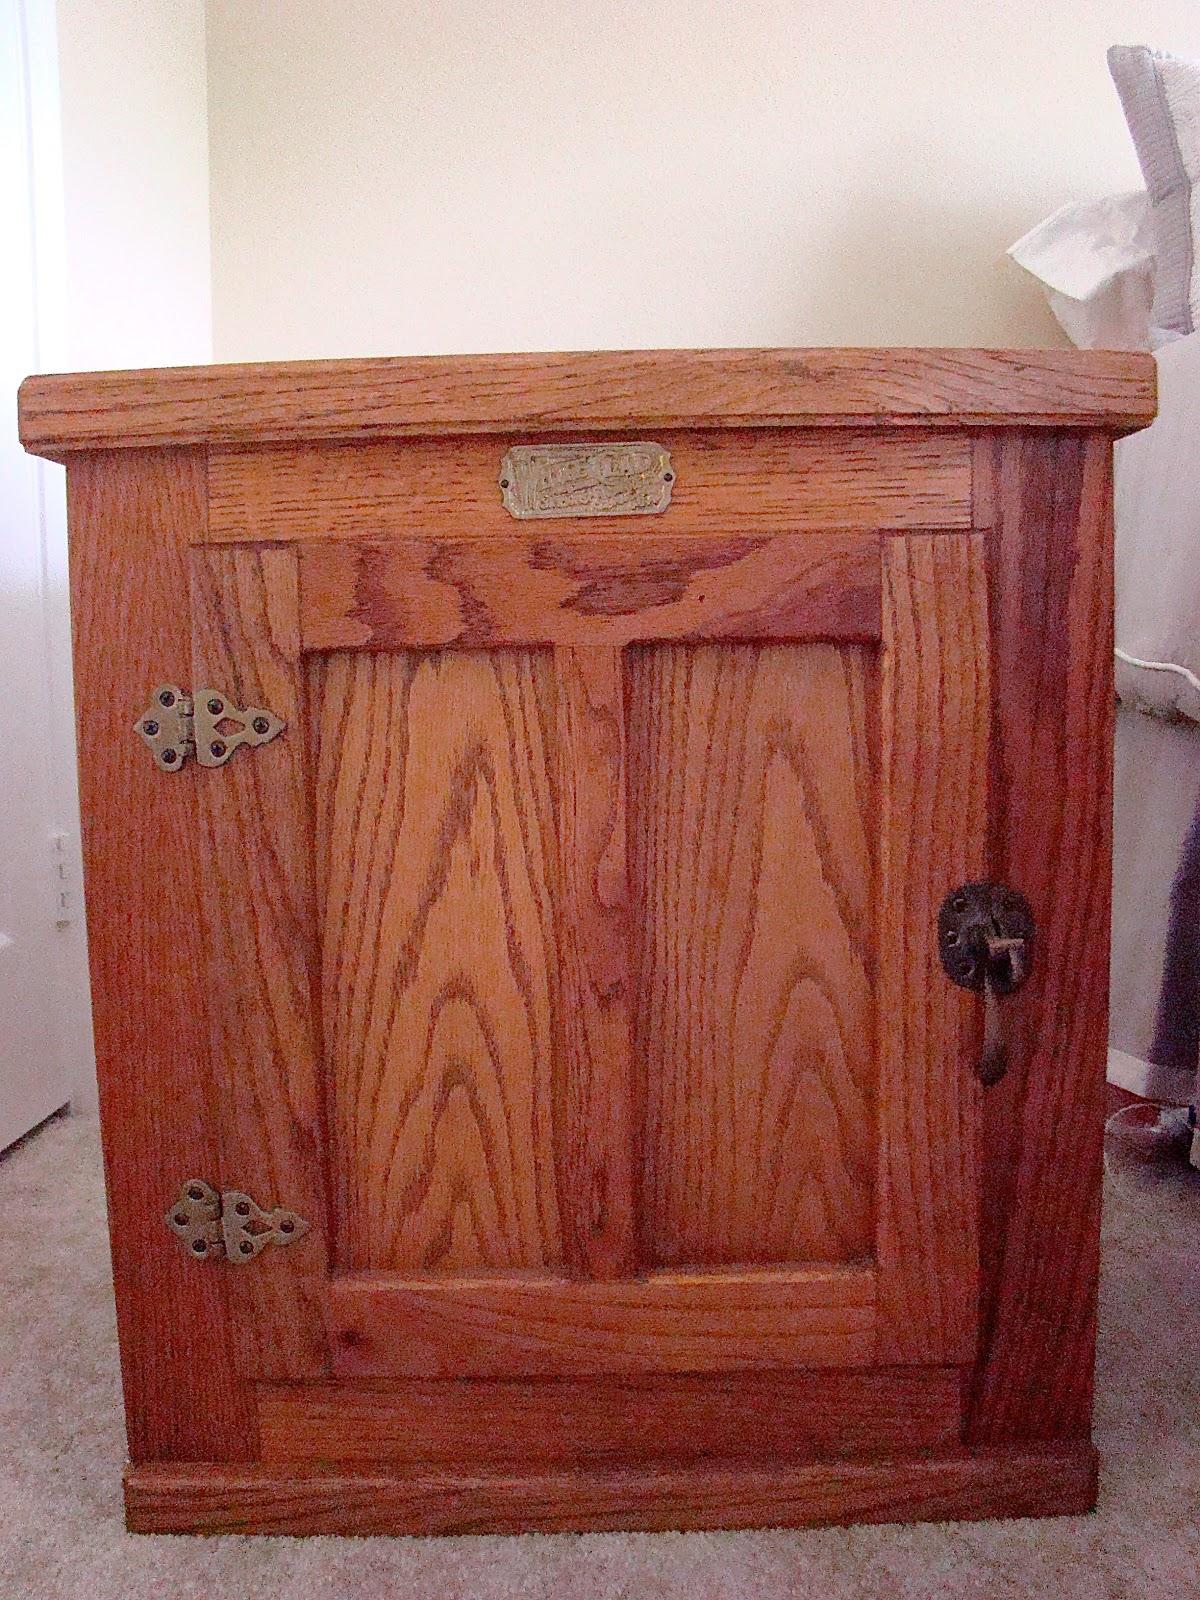 diy refinishing old furniture